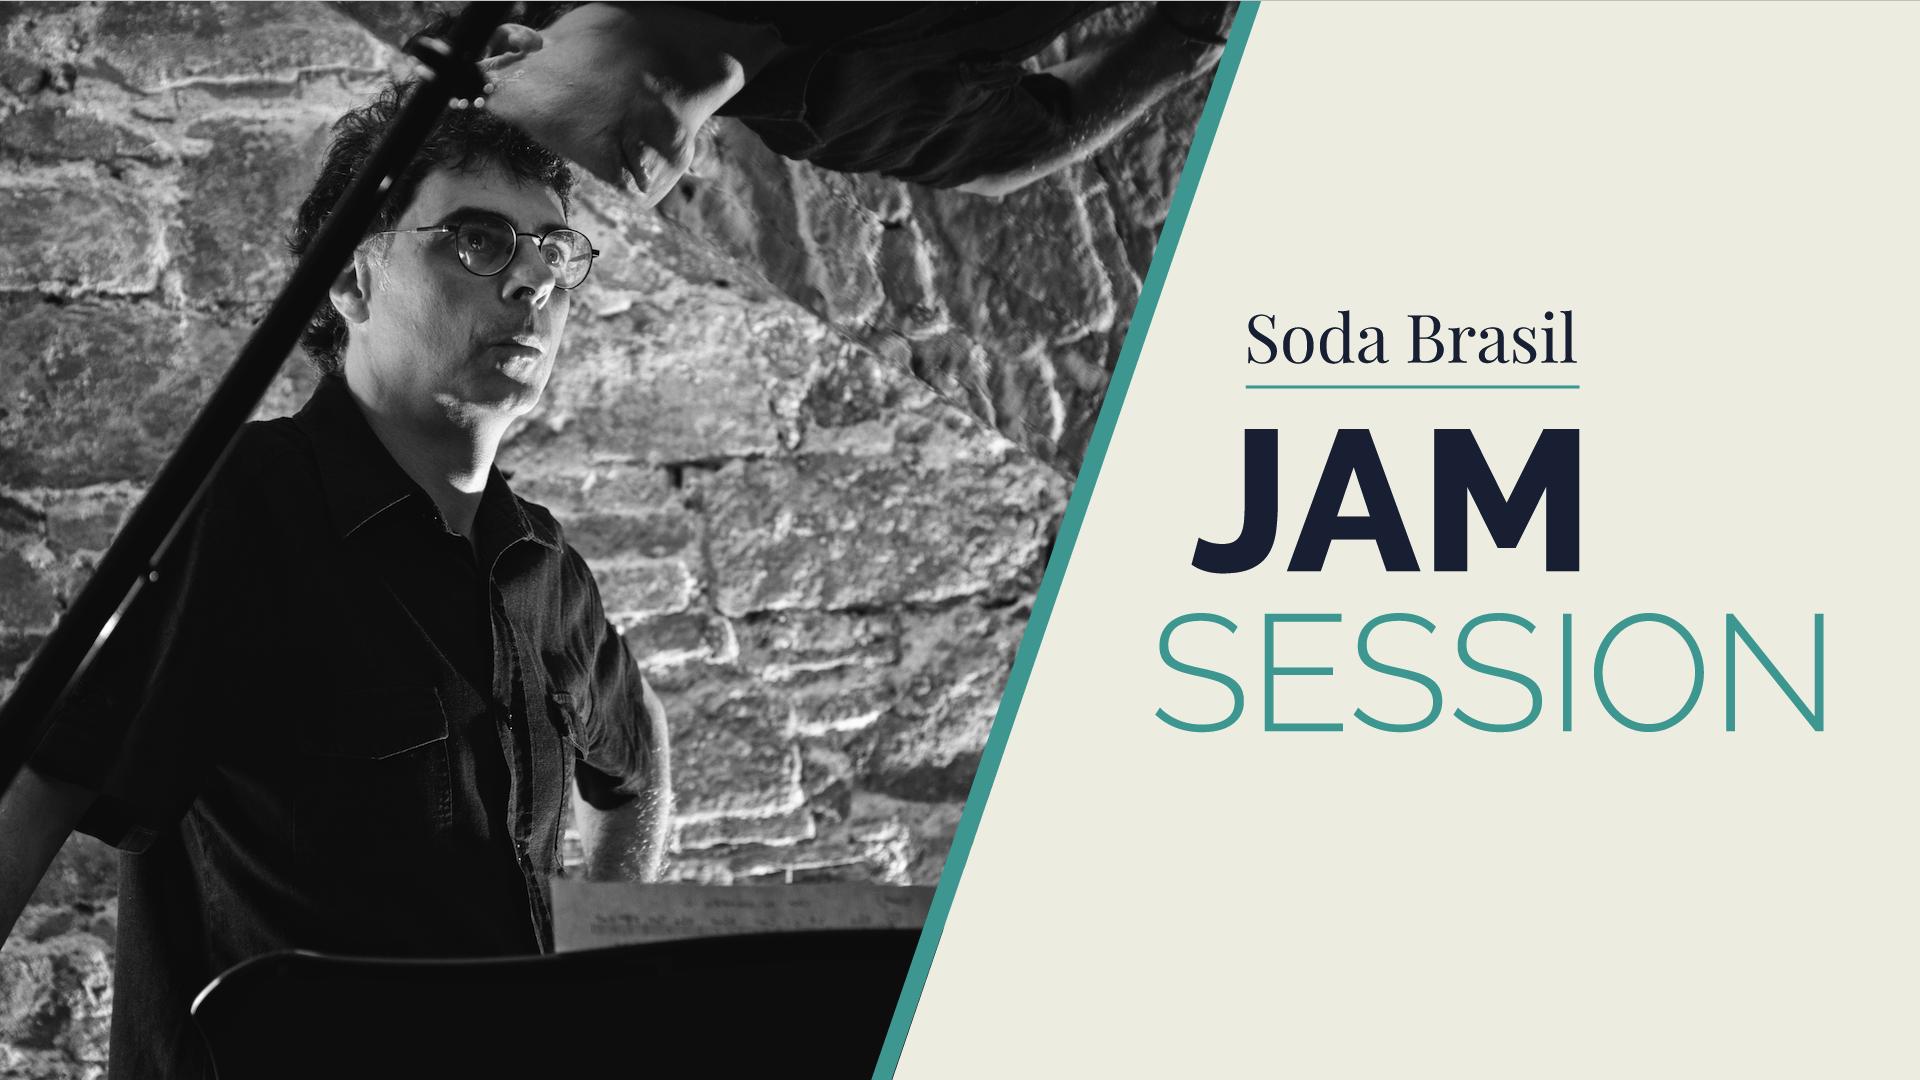 Soda Brazil Jam Session (+ Jaume Vilaseca)